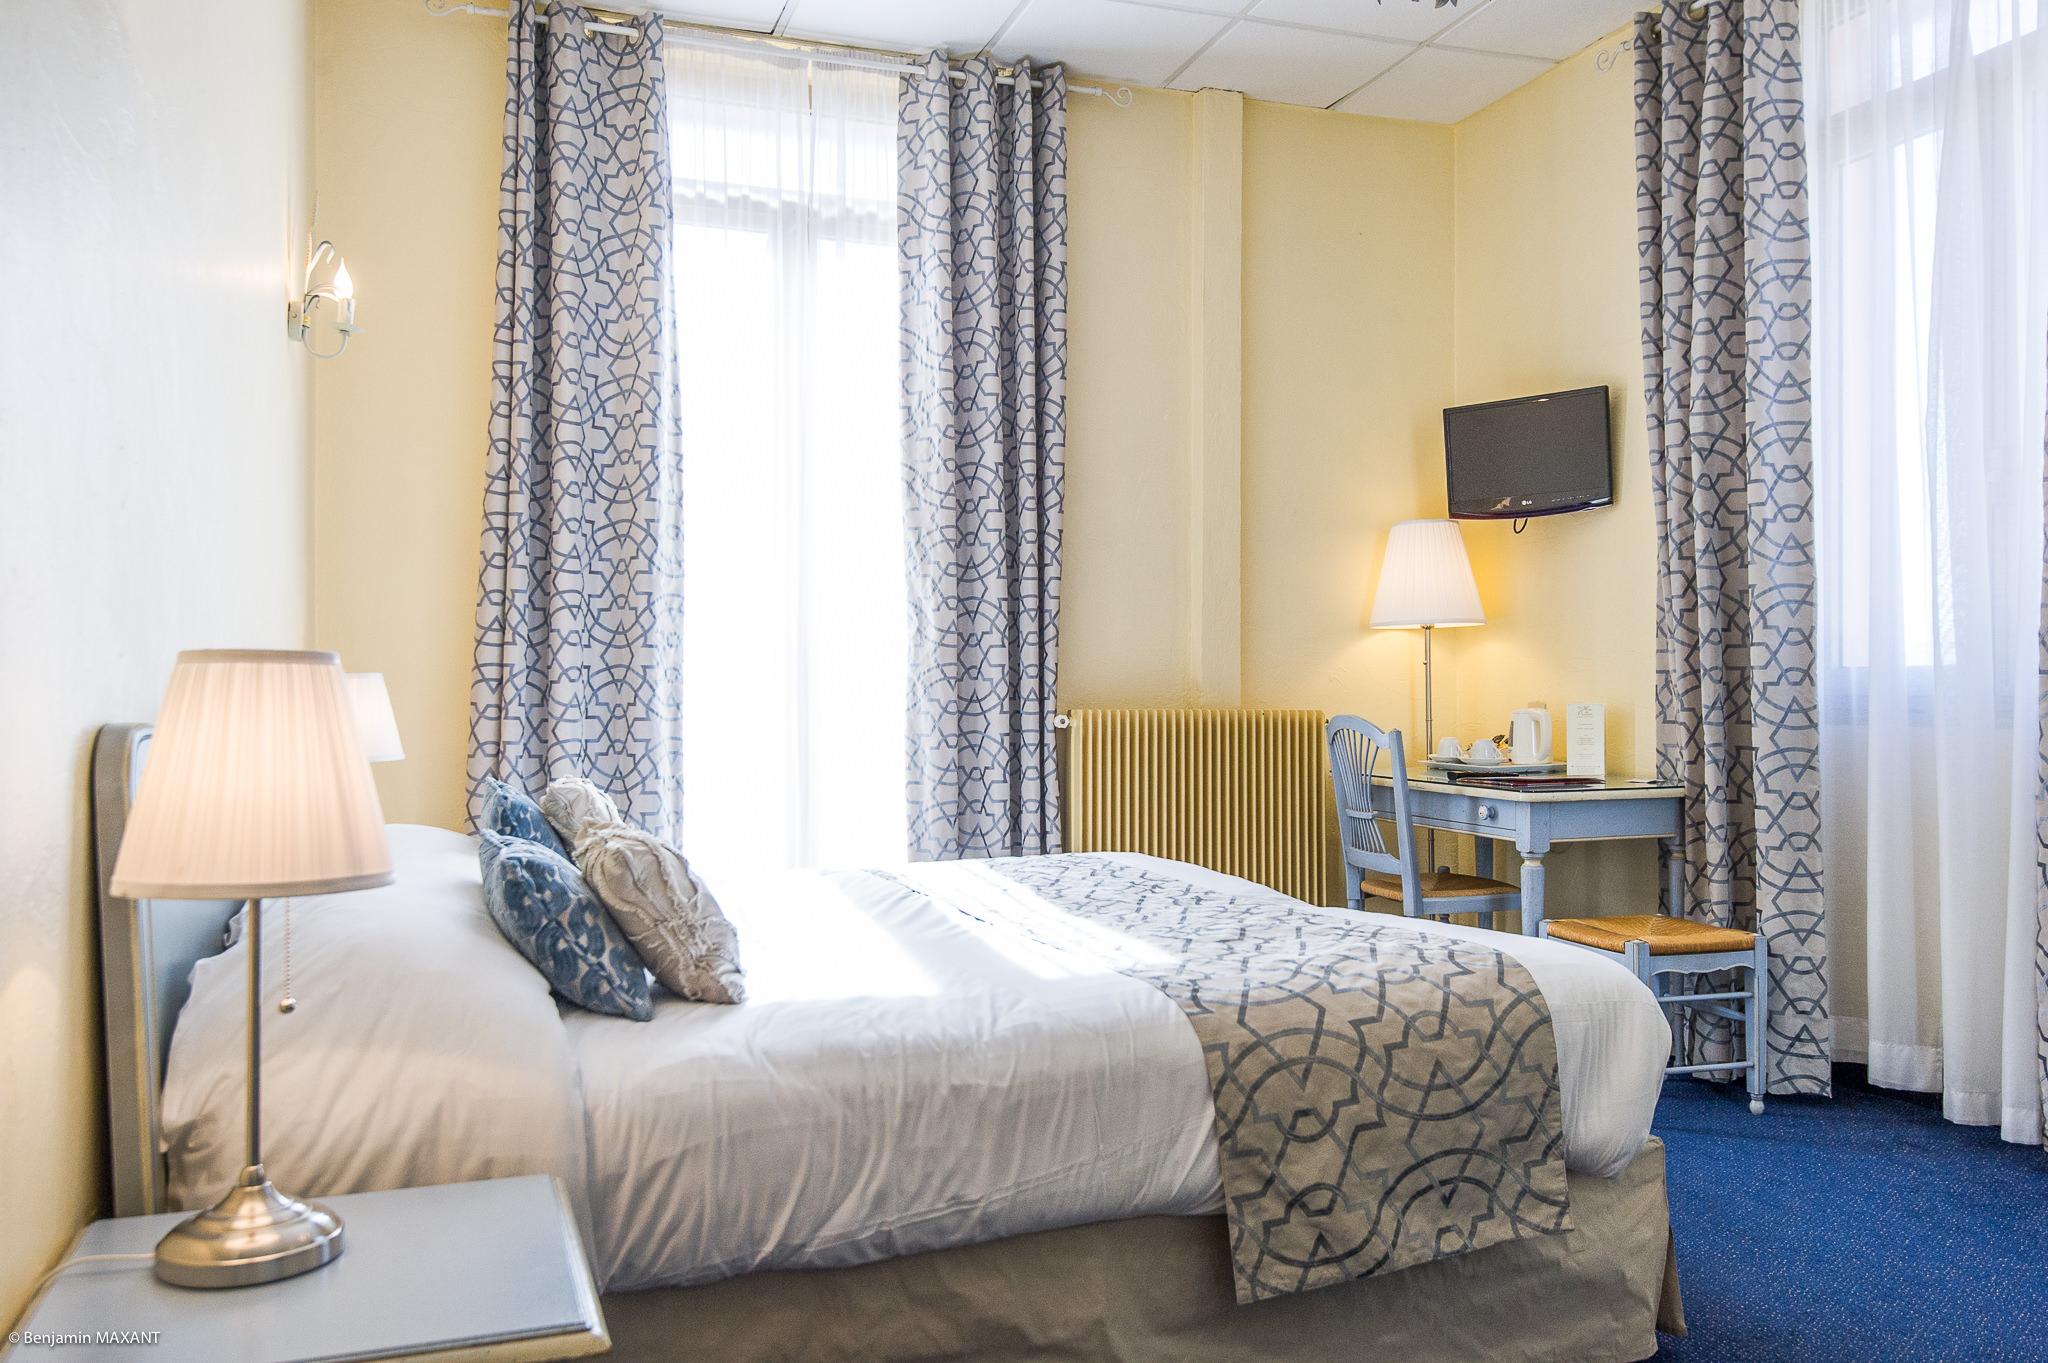 reportage photo immobilier de l'Hôtel lLes Orangers à Cannes - autre chambre double